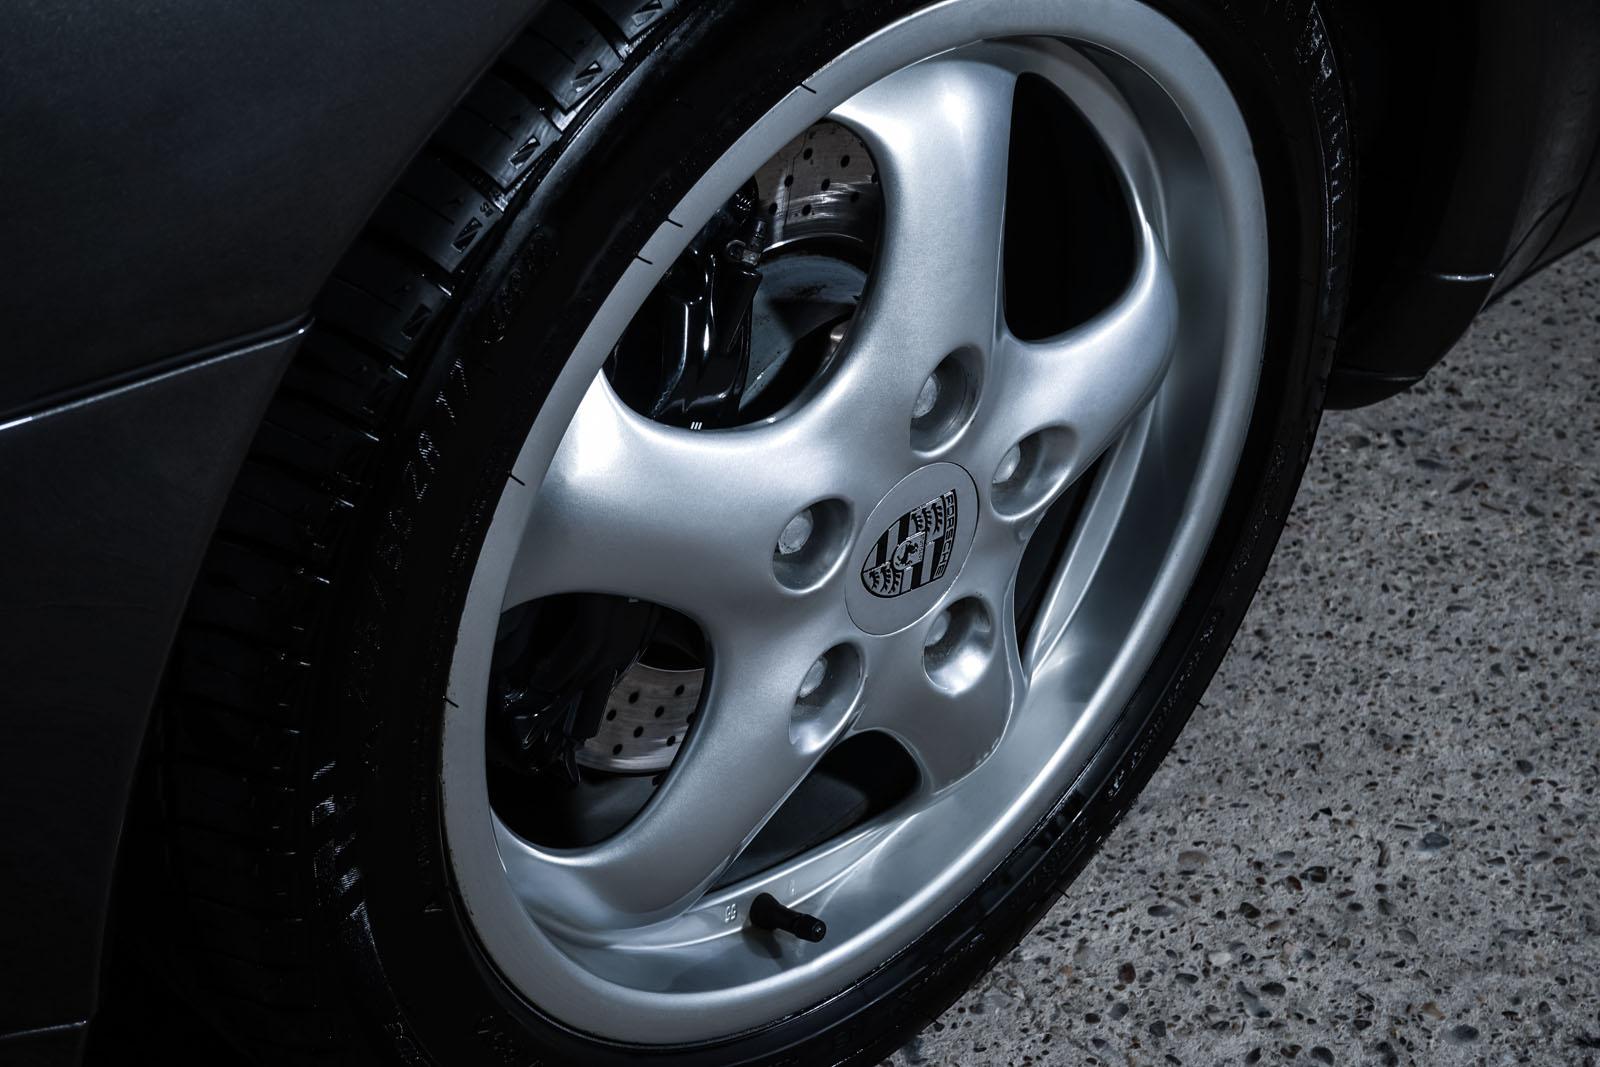 Porsche_993_Carrera_Cabrio_Grau_Schwarz_POR-2375_11_w